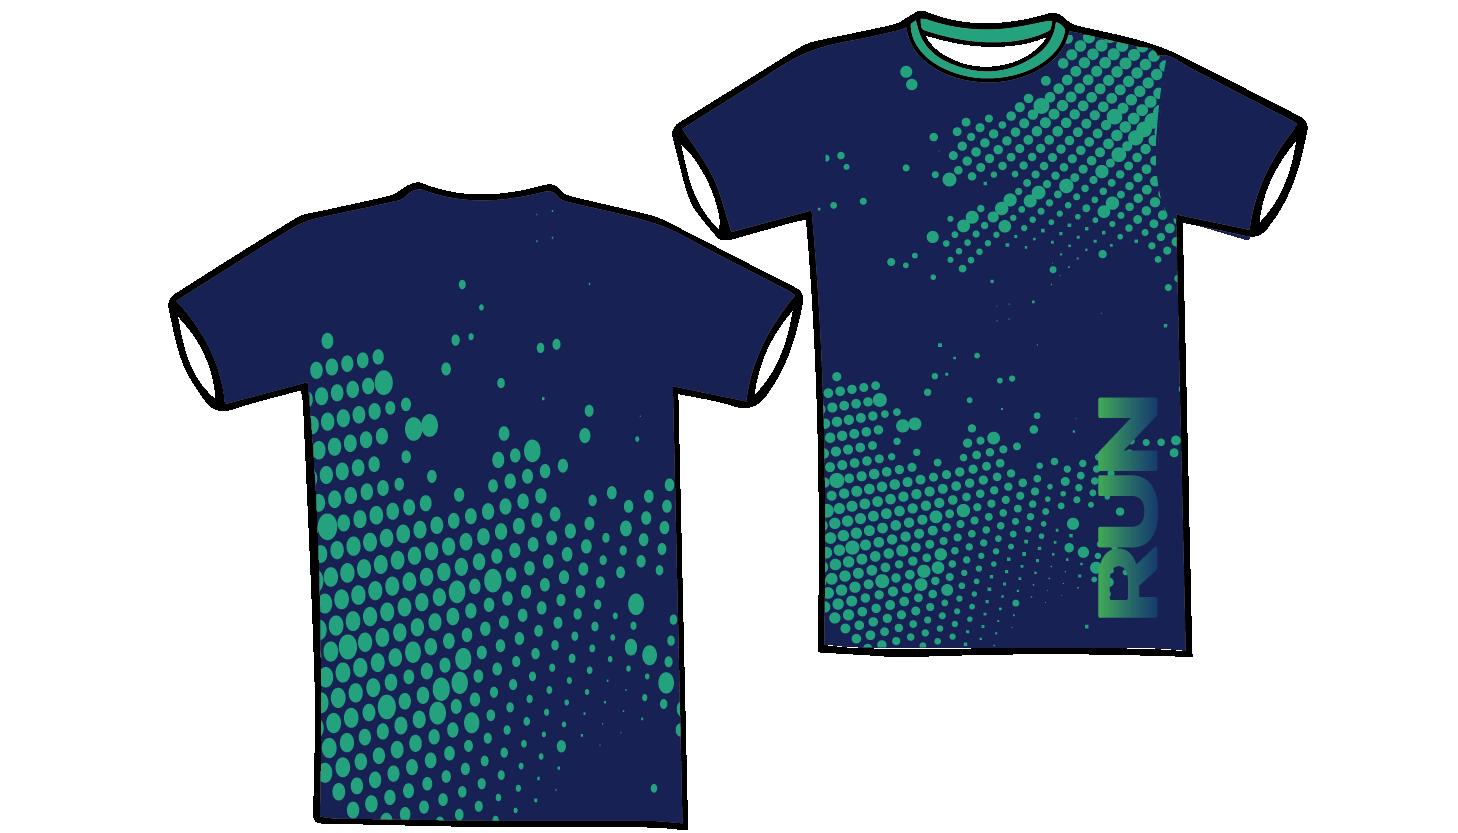 2454a89ccc957 camiseta deportiva diseño - Taller de Estampados Textiles